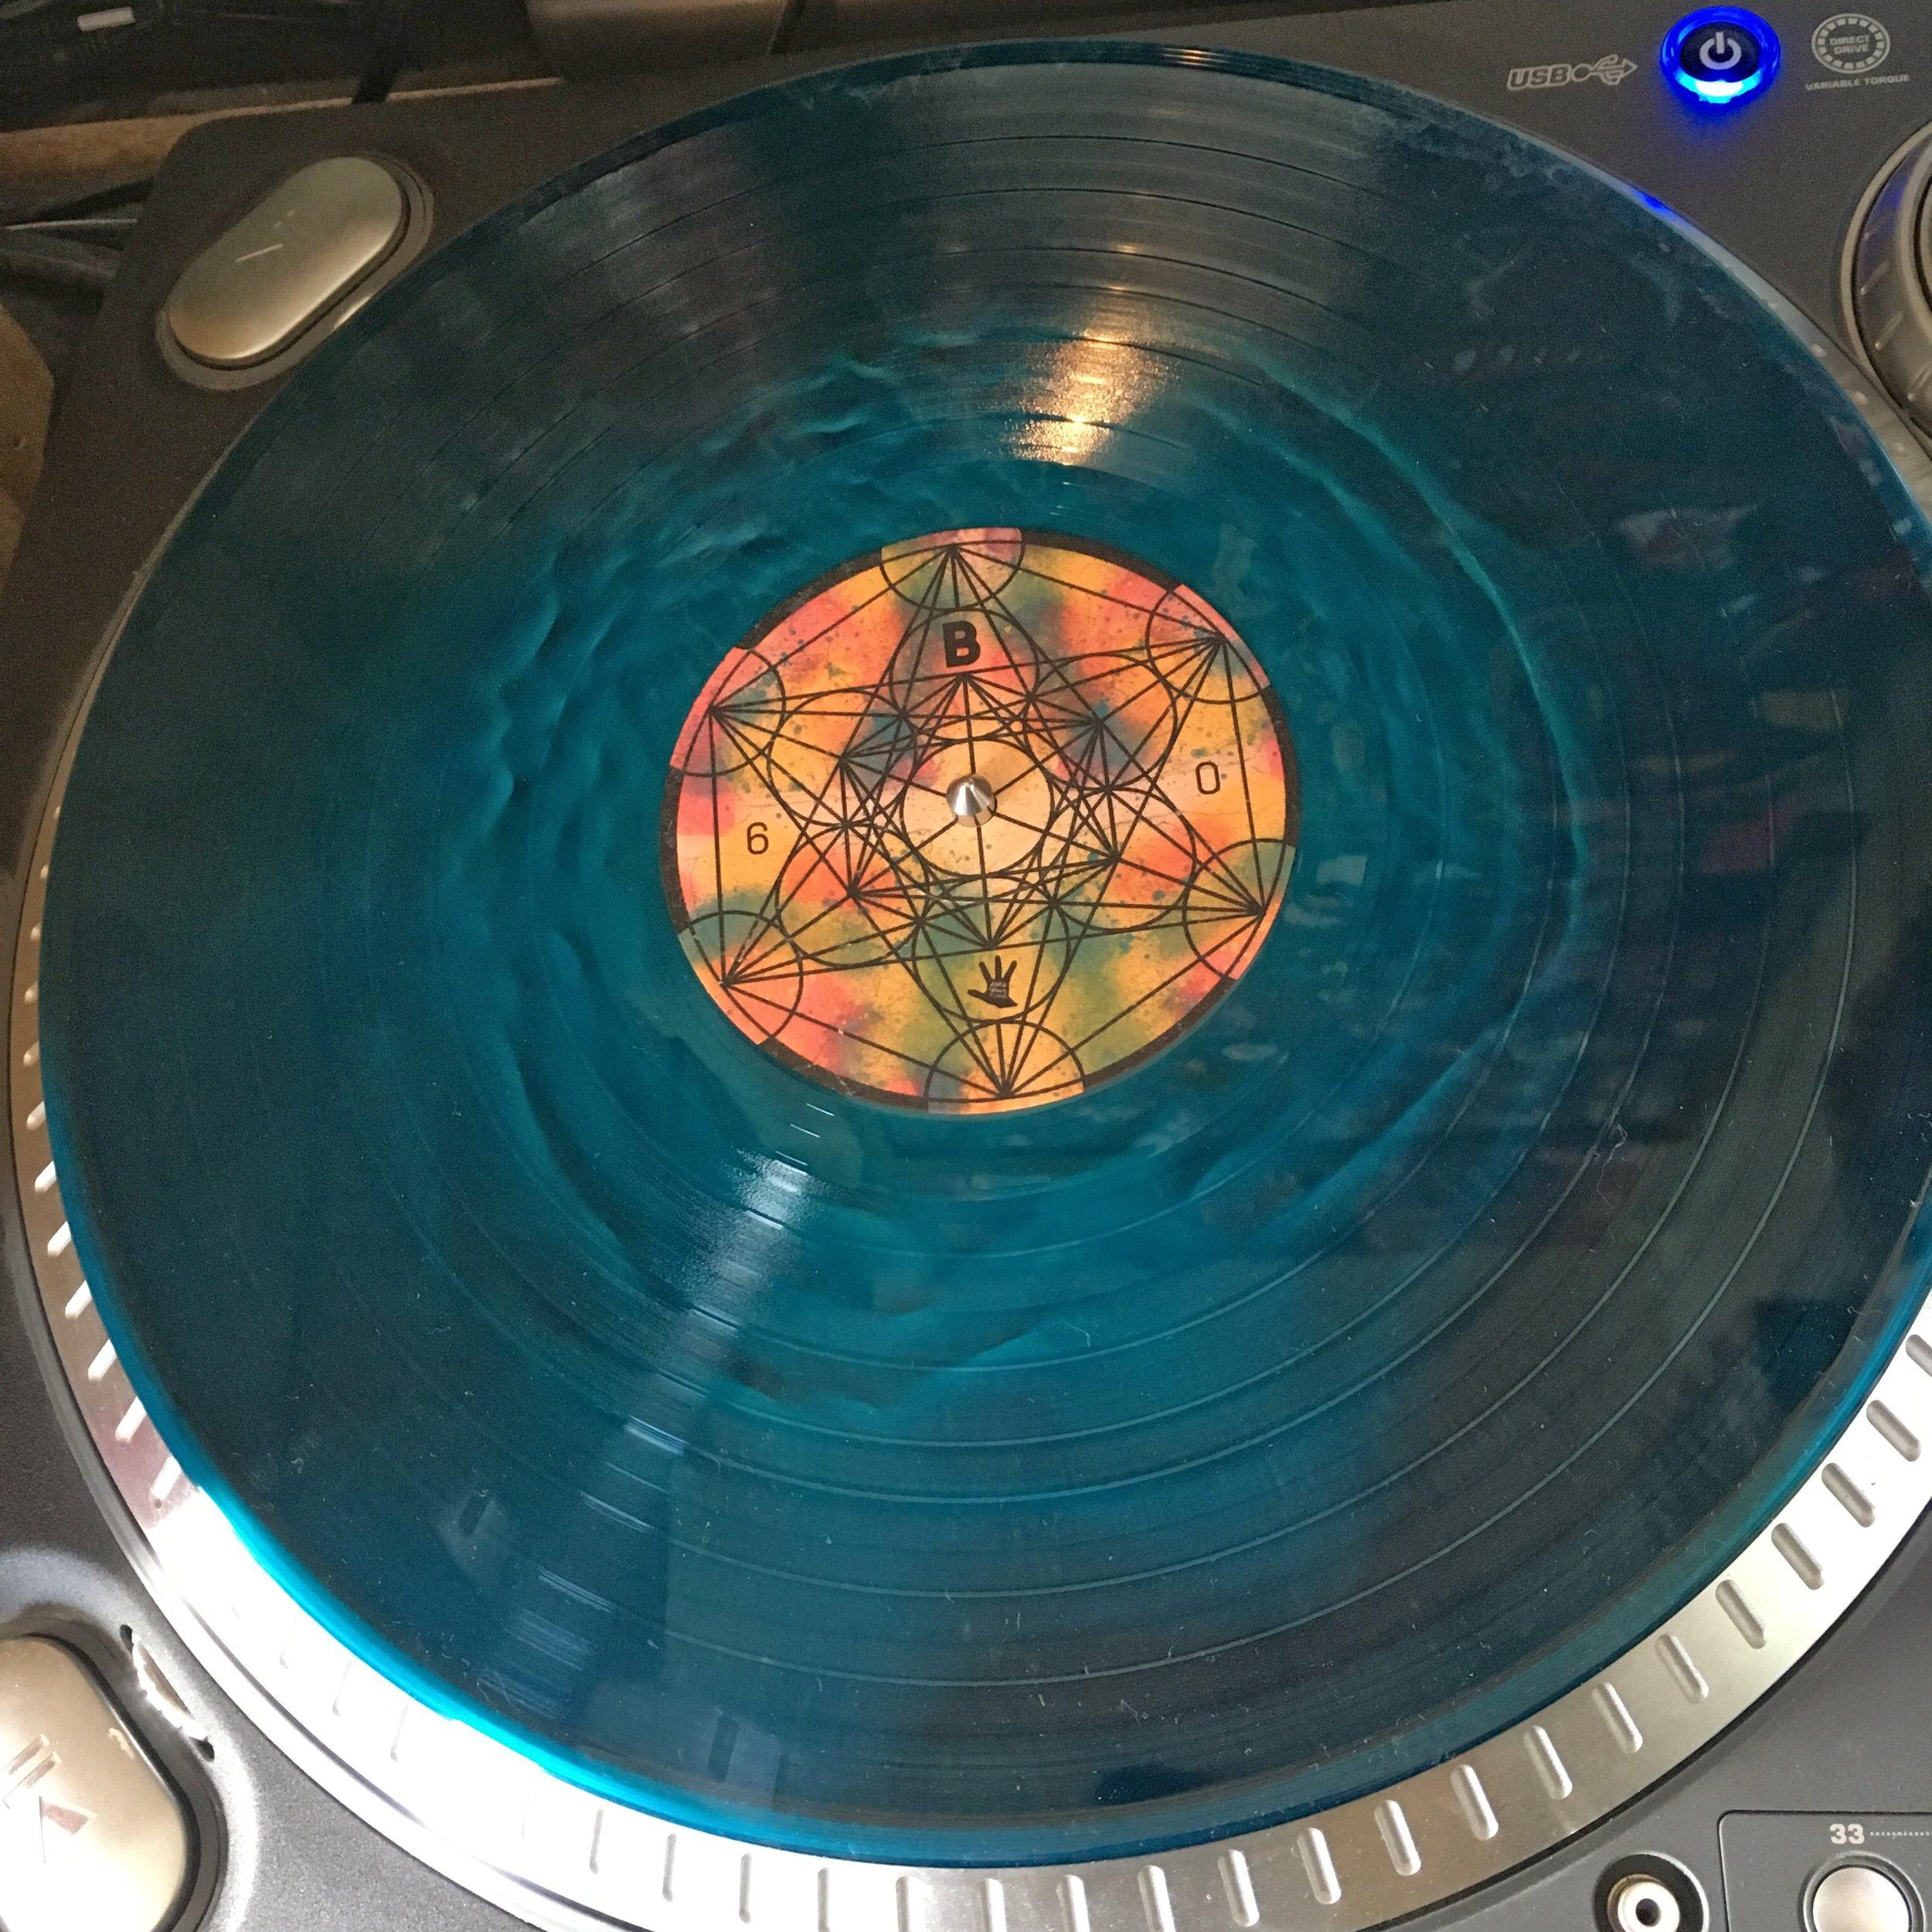 tOoFW_vinyl2.jpg